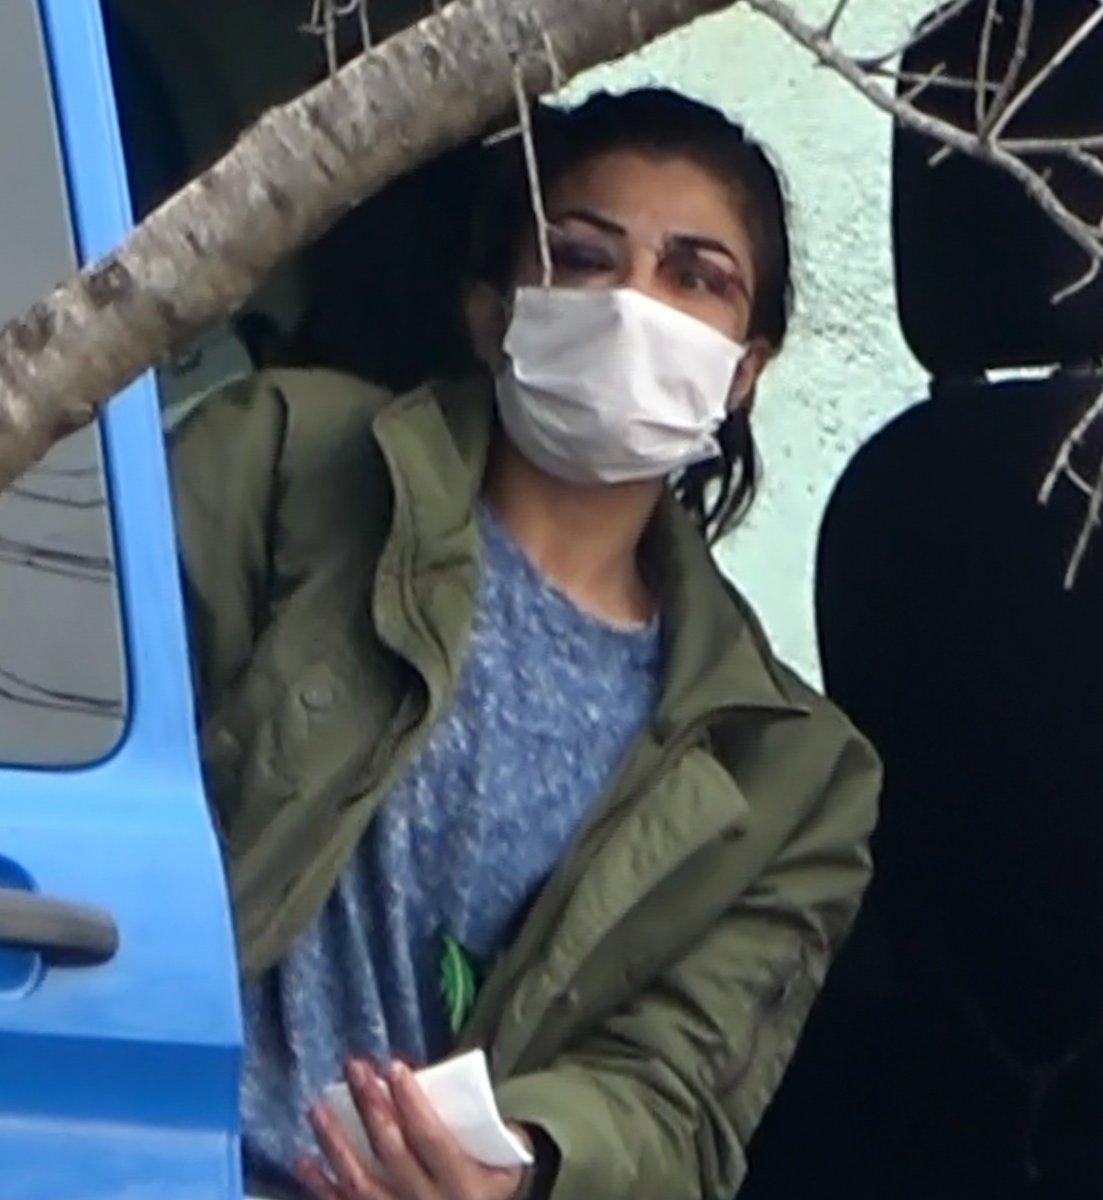 Antalya da kelepçeli koca şiddeti cinayetle bitti #6